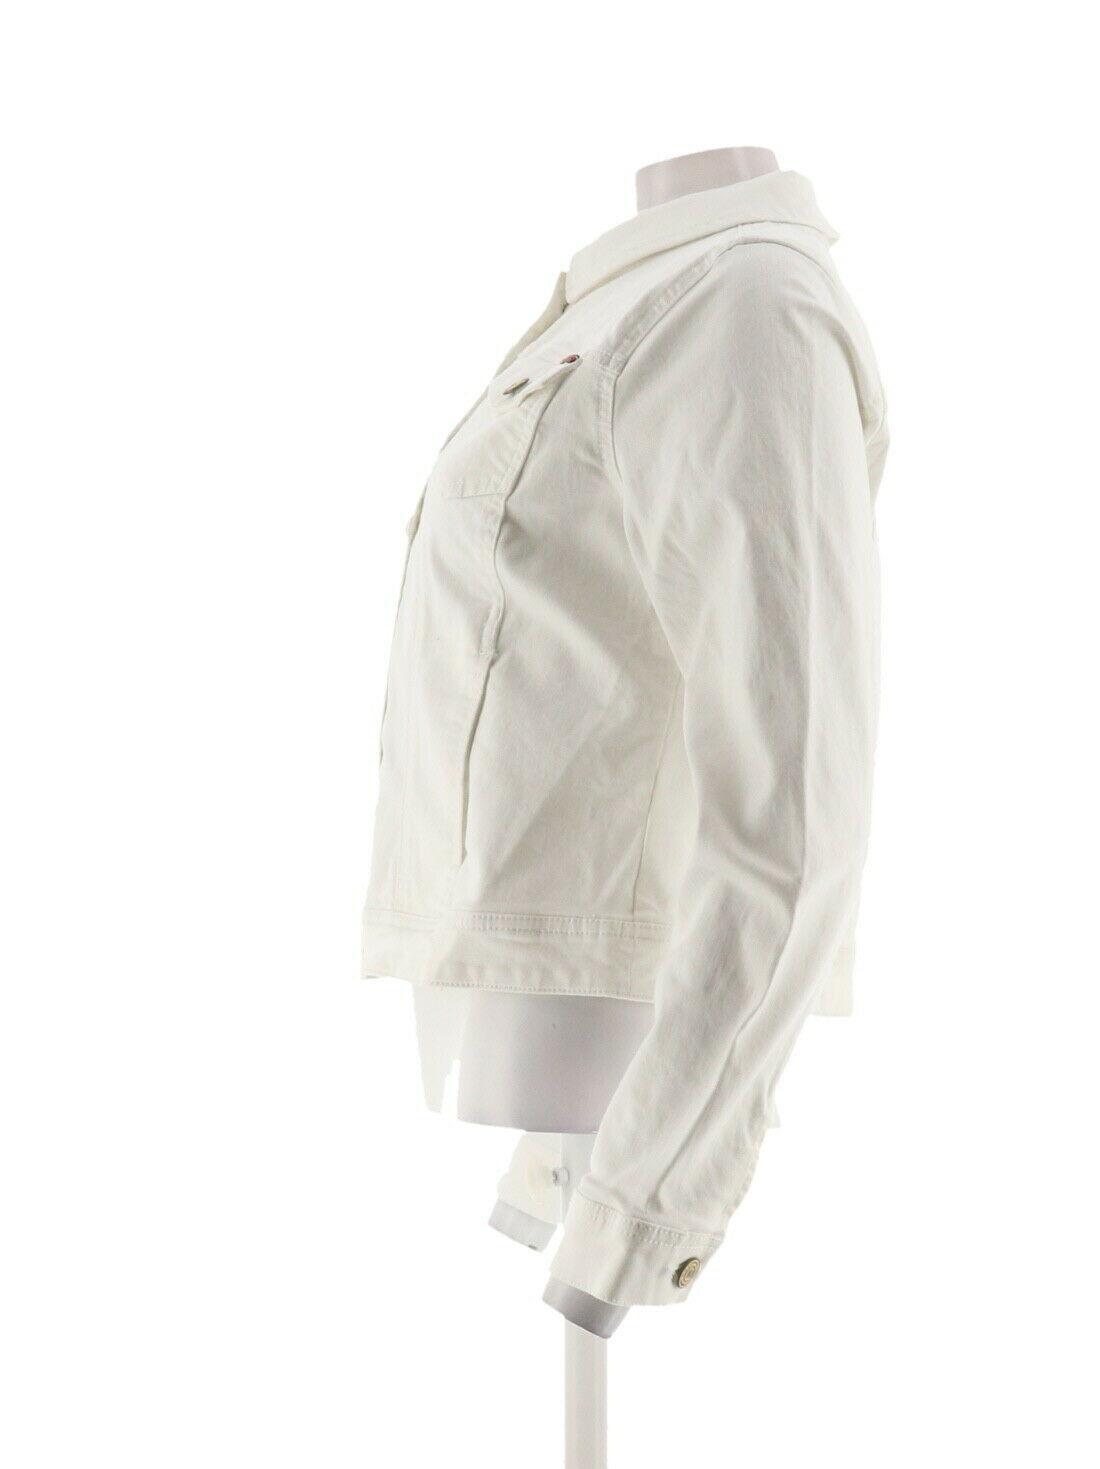 Isaac Mizrahi TRUE DENIM Jean Jacket Bright White 18W NEW A306370